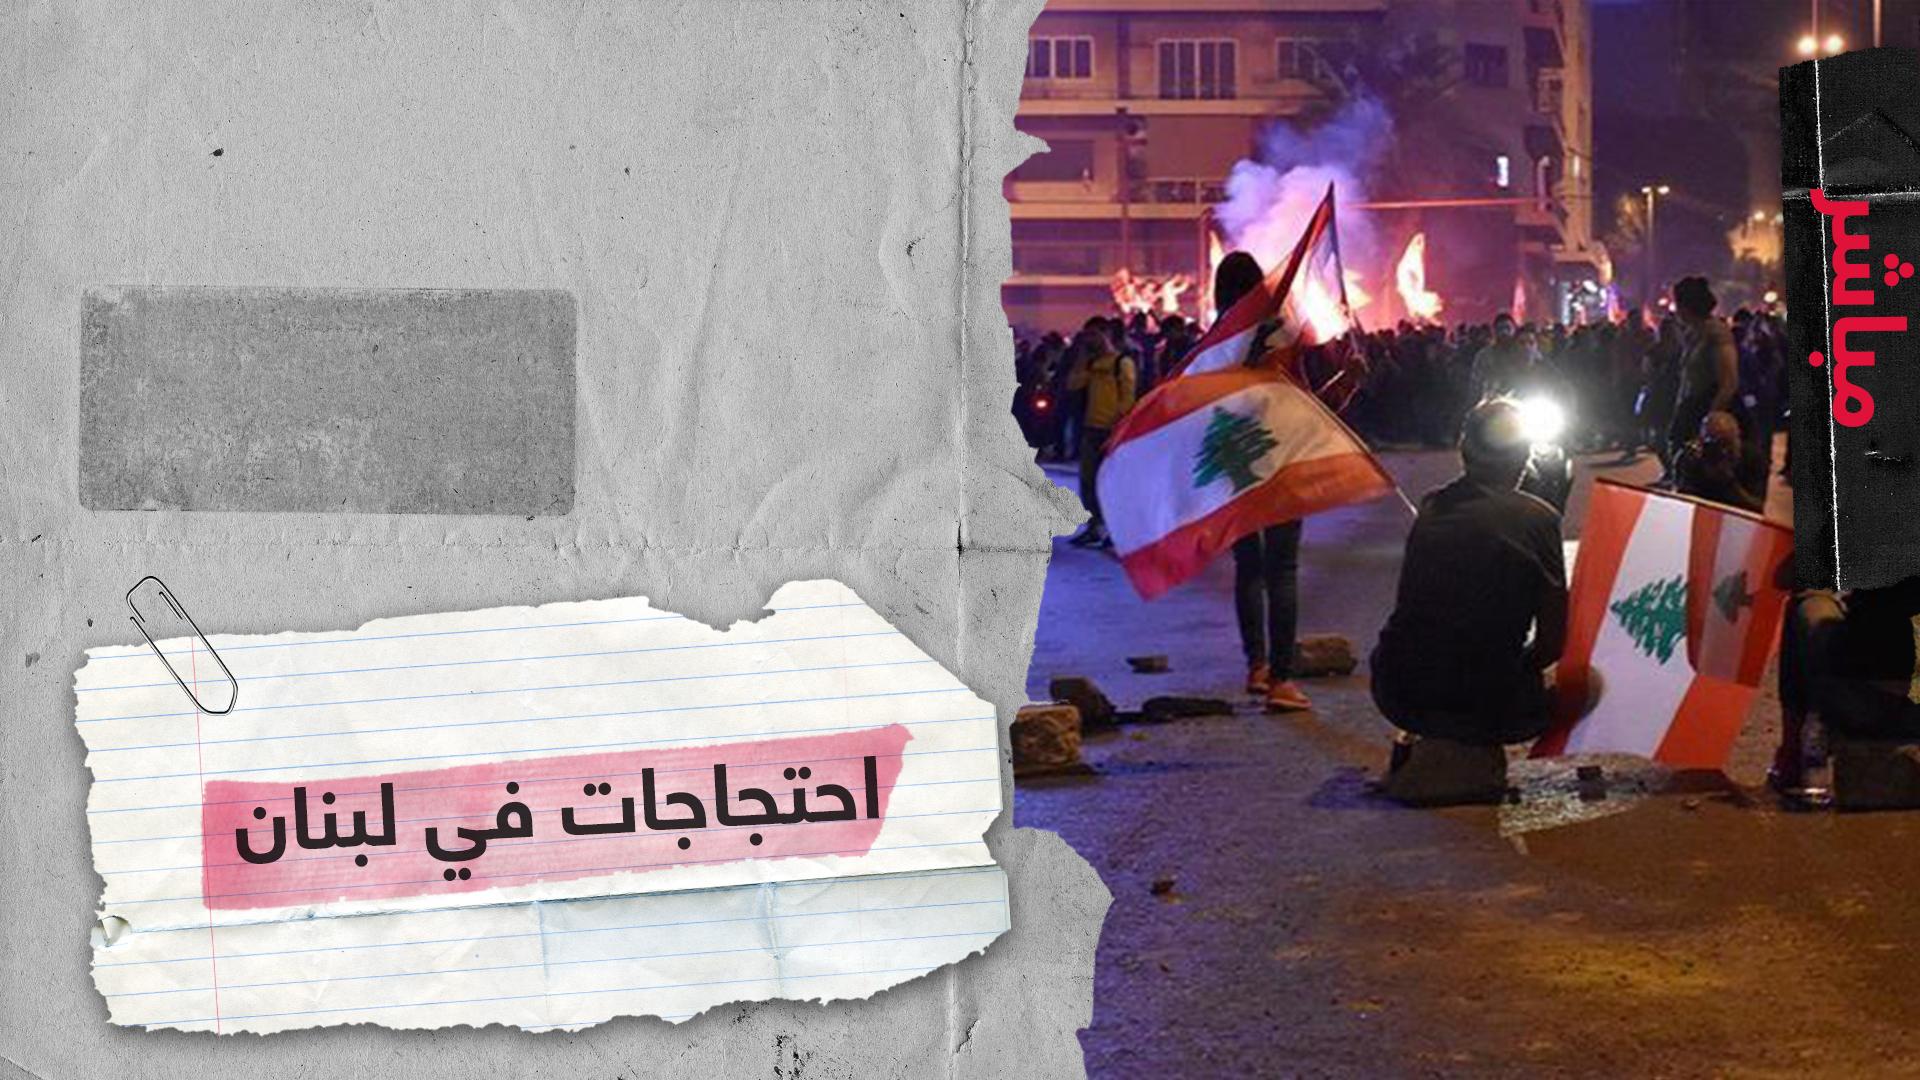 اشتبكات بين قوى الأمن اللبنانية ومتظاهرين وسط بيروت